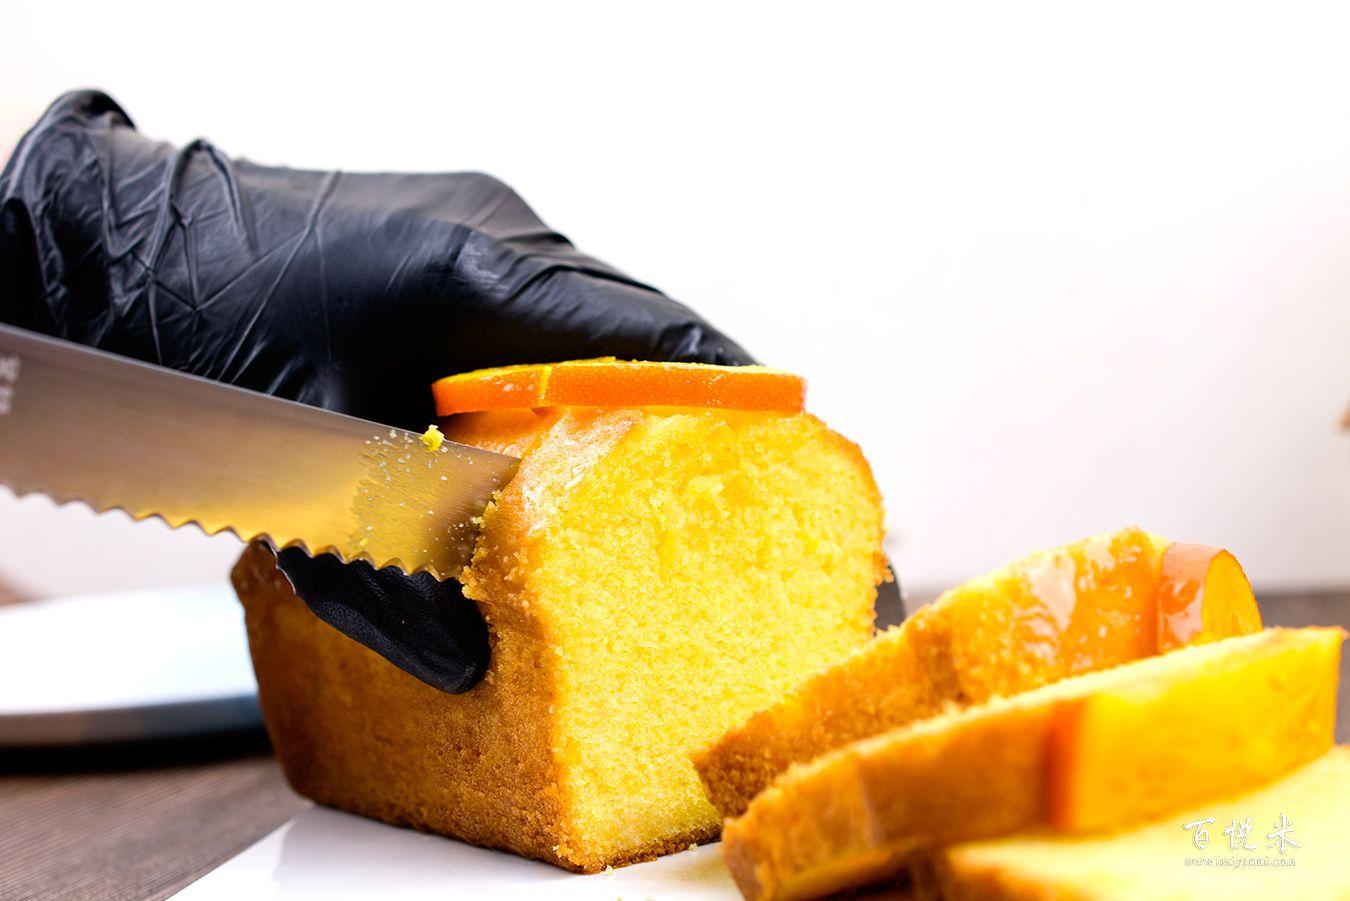 香橙磅蛋糕高清图片大全【蛋糕图片】_316